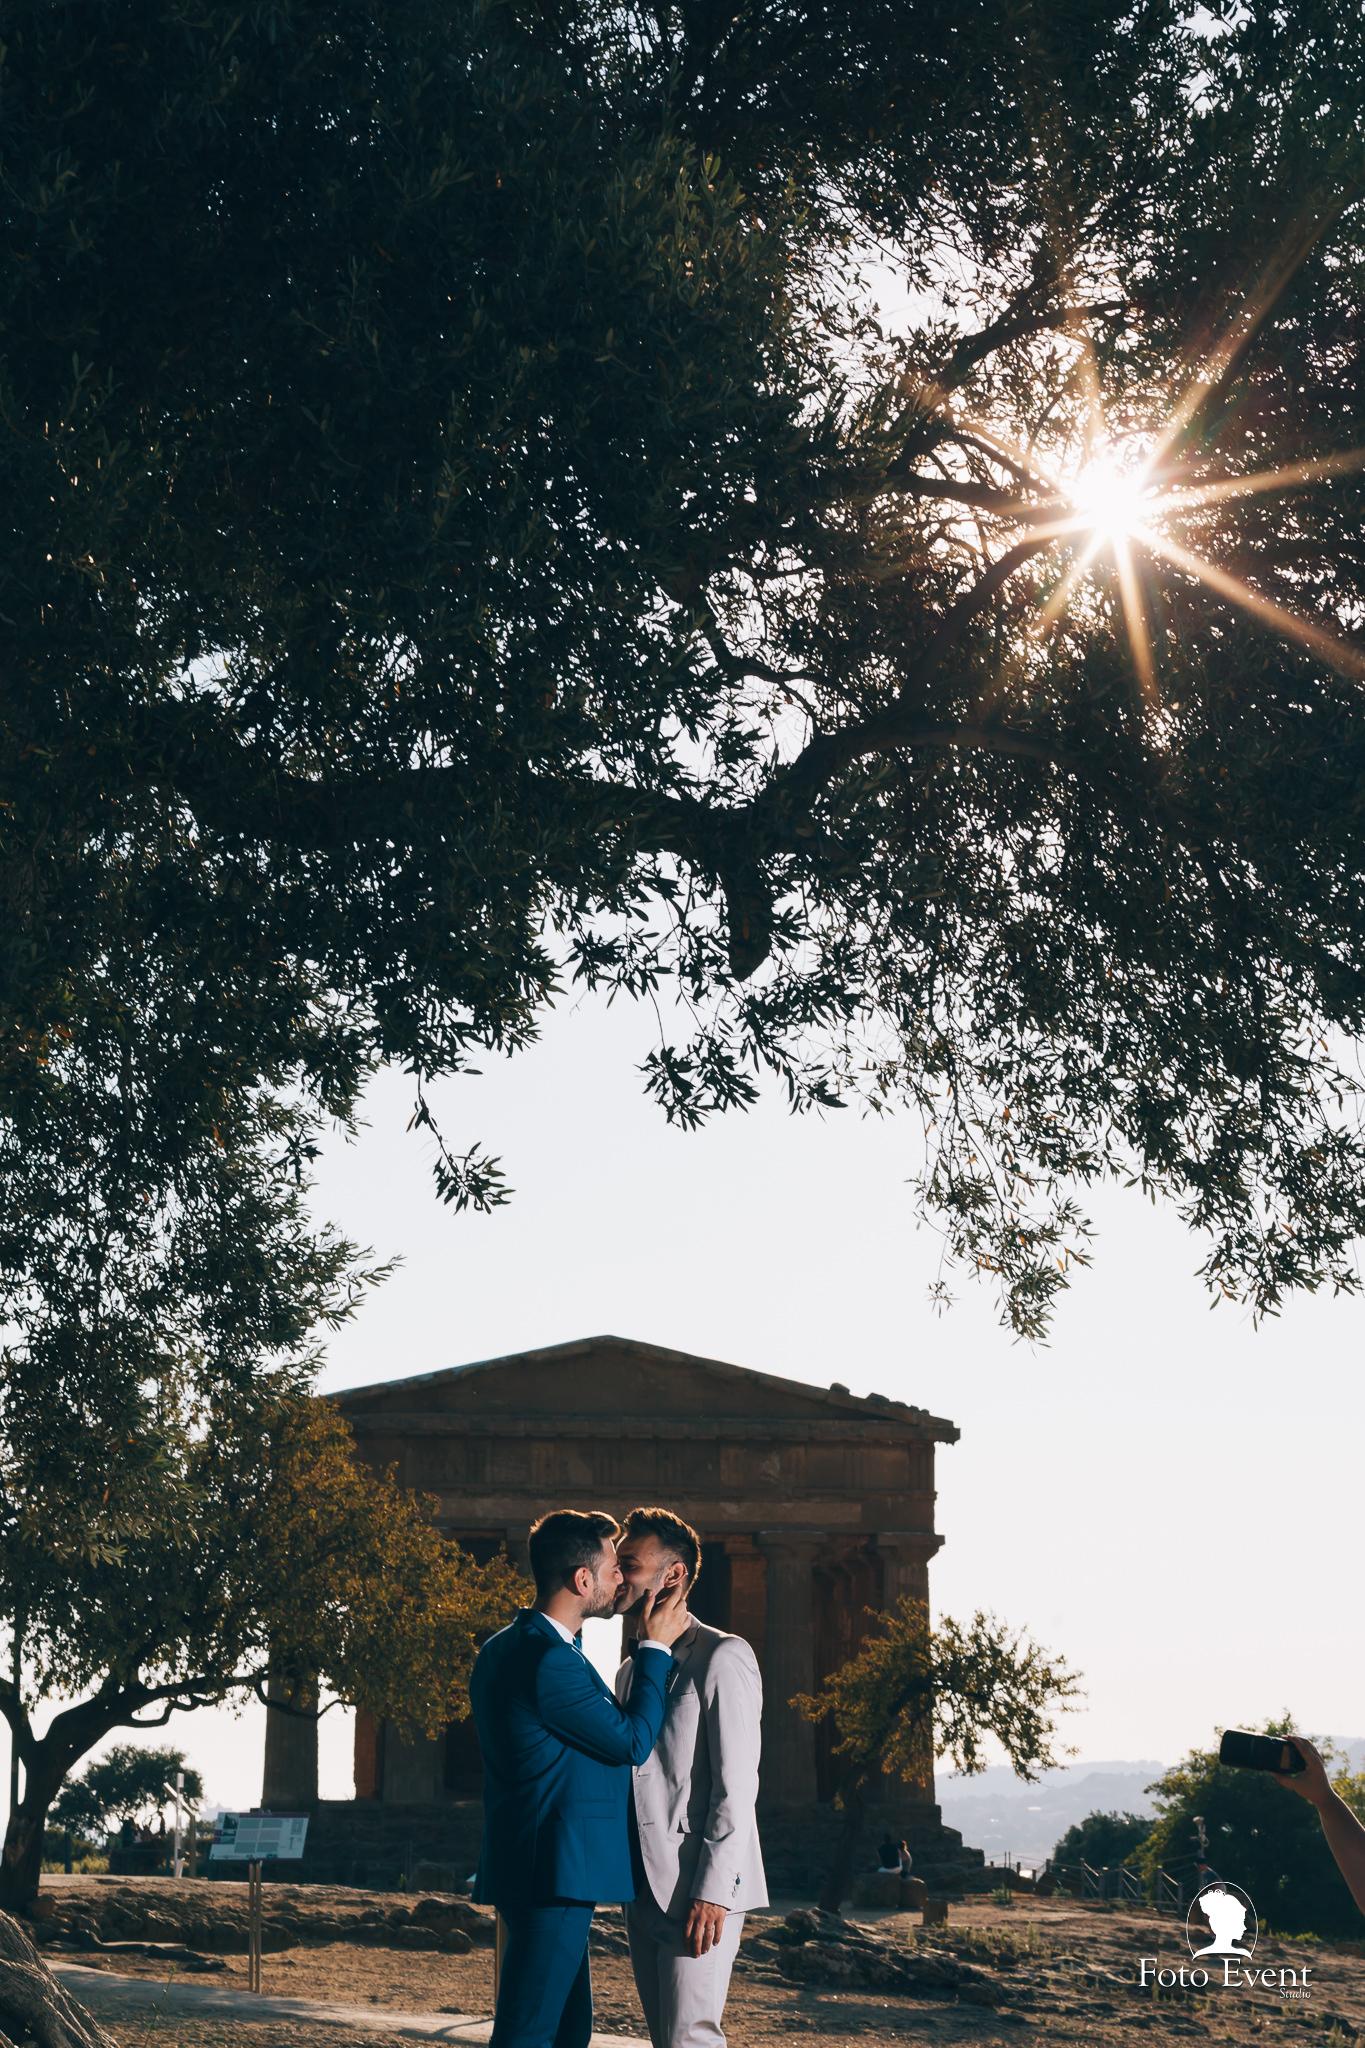 2018-07-26 Engagement Santo Caruso e Lillo Gueli 50 mm 032